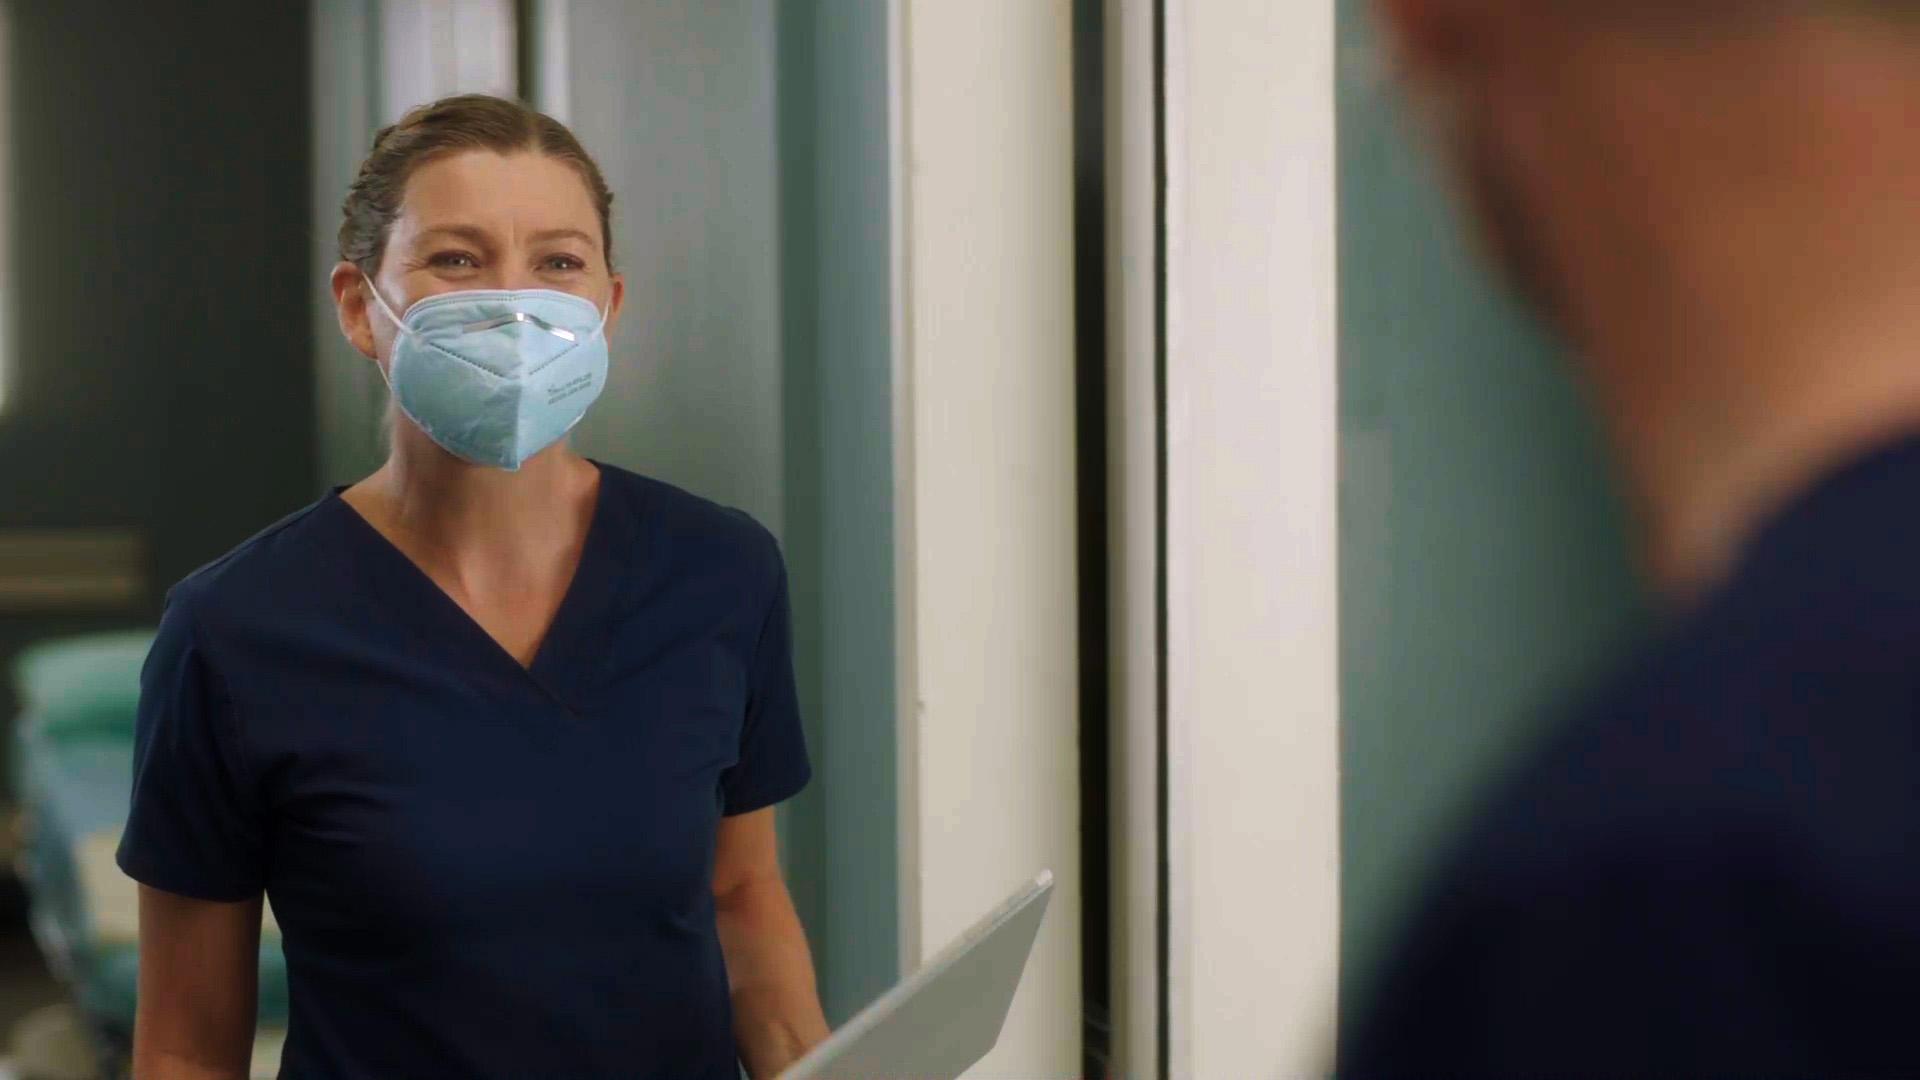 17 temporada Grey's Anatomy, que chegam com exclusividade no Brasil pelo Sony Channel no dia 9 de fevereiro, às 21h